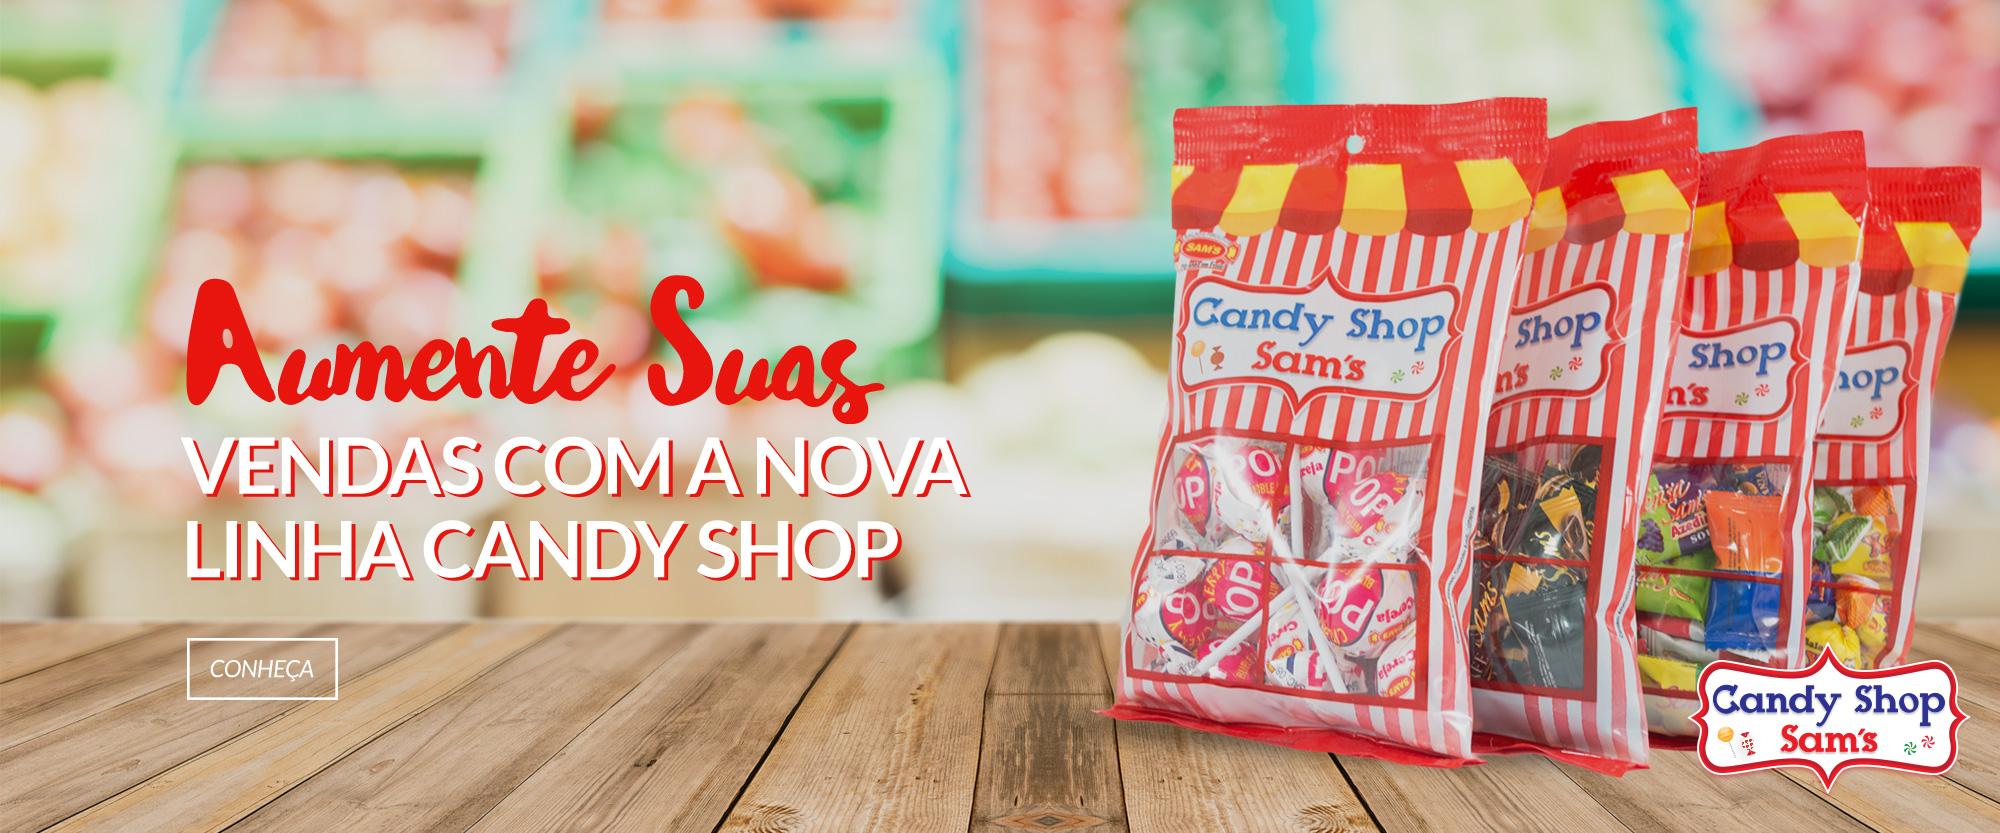 Candy Shop - PT